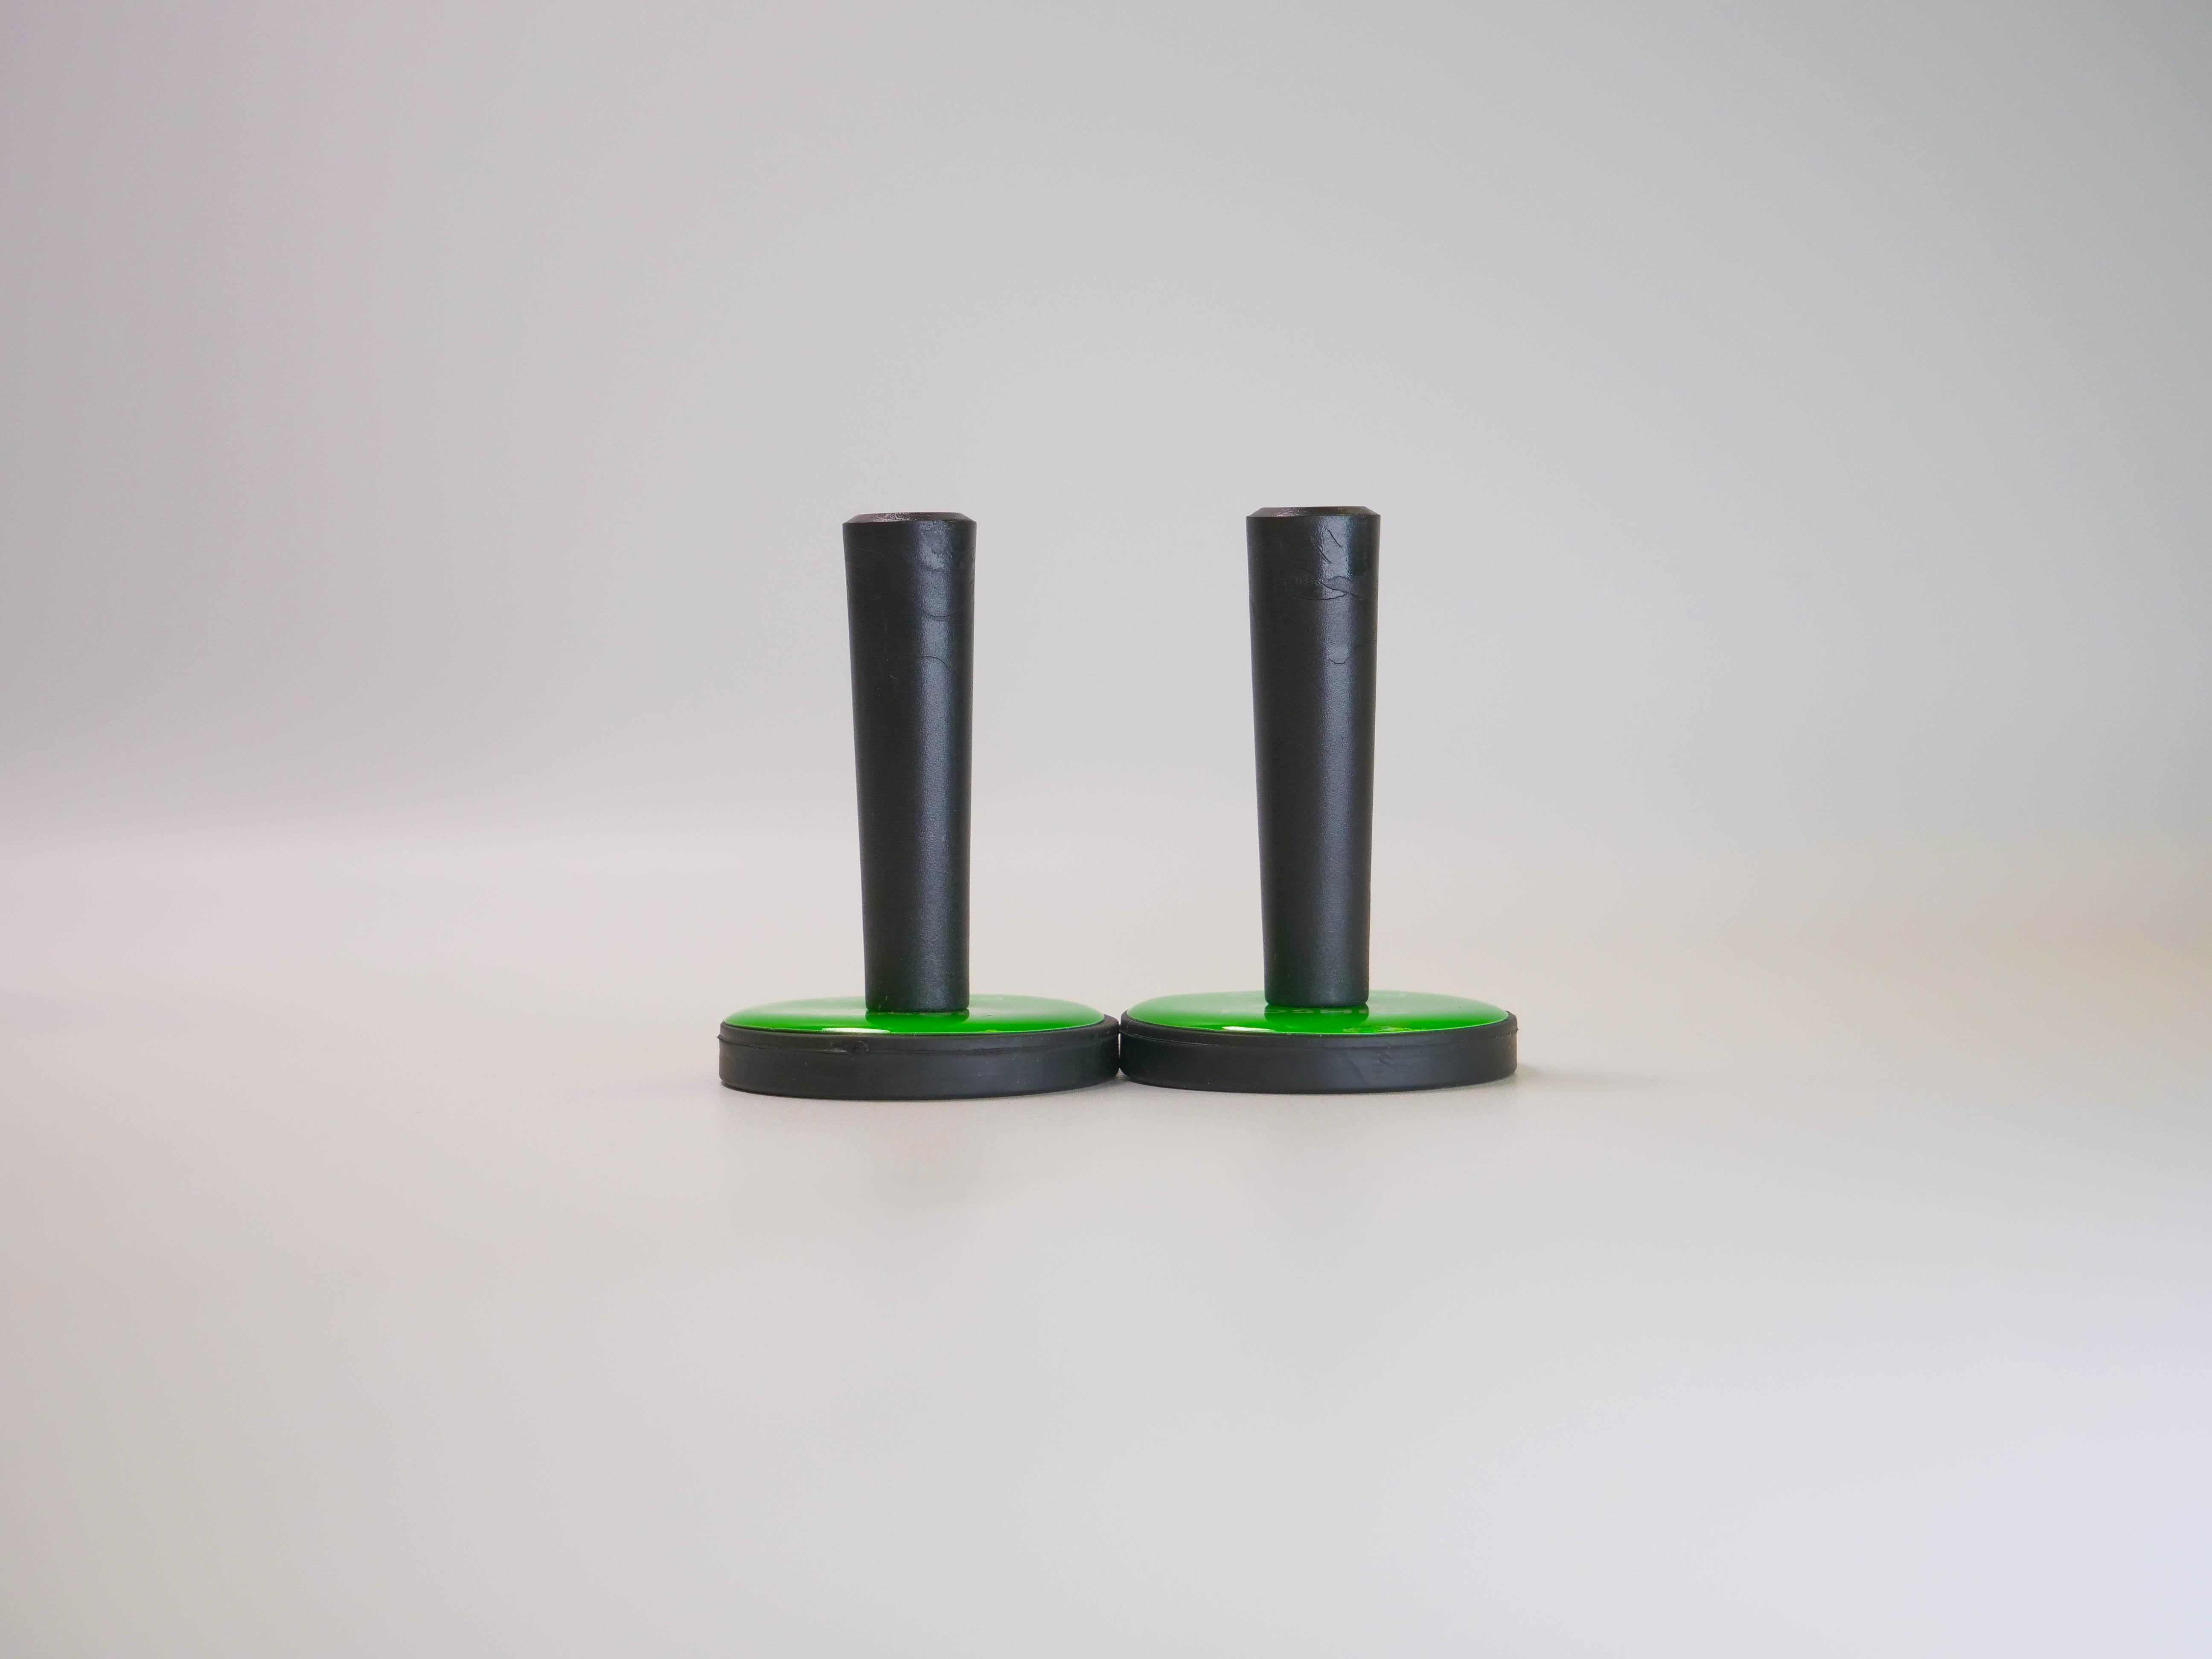 Verklebemagnete (2 Stück)